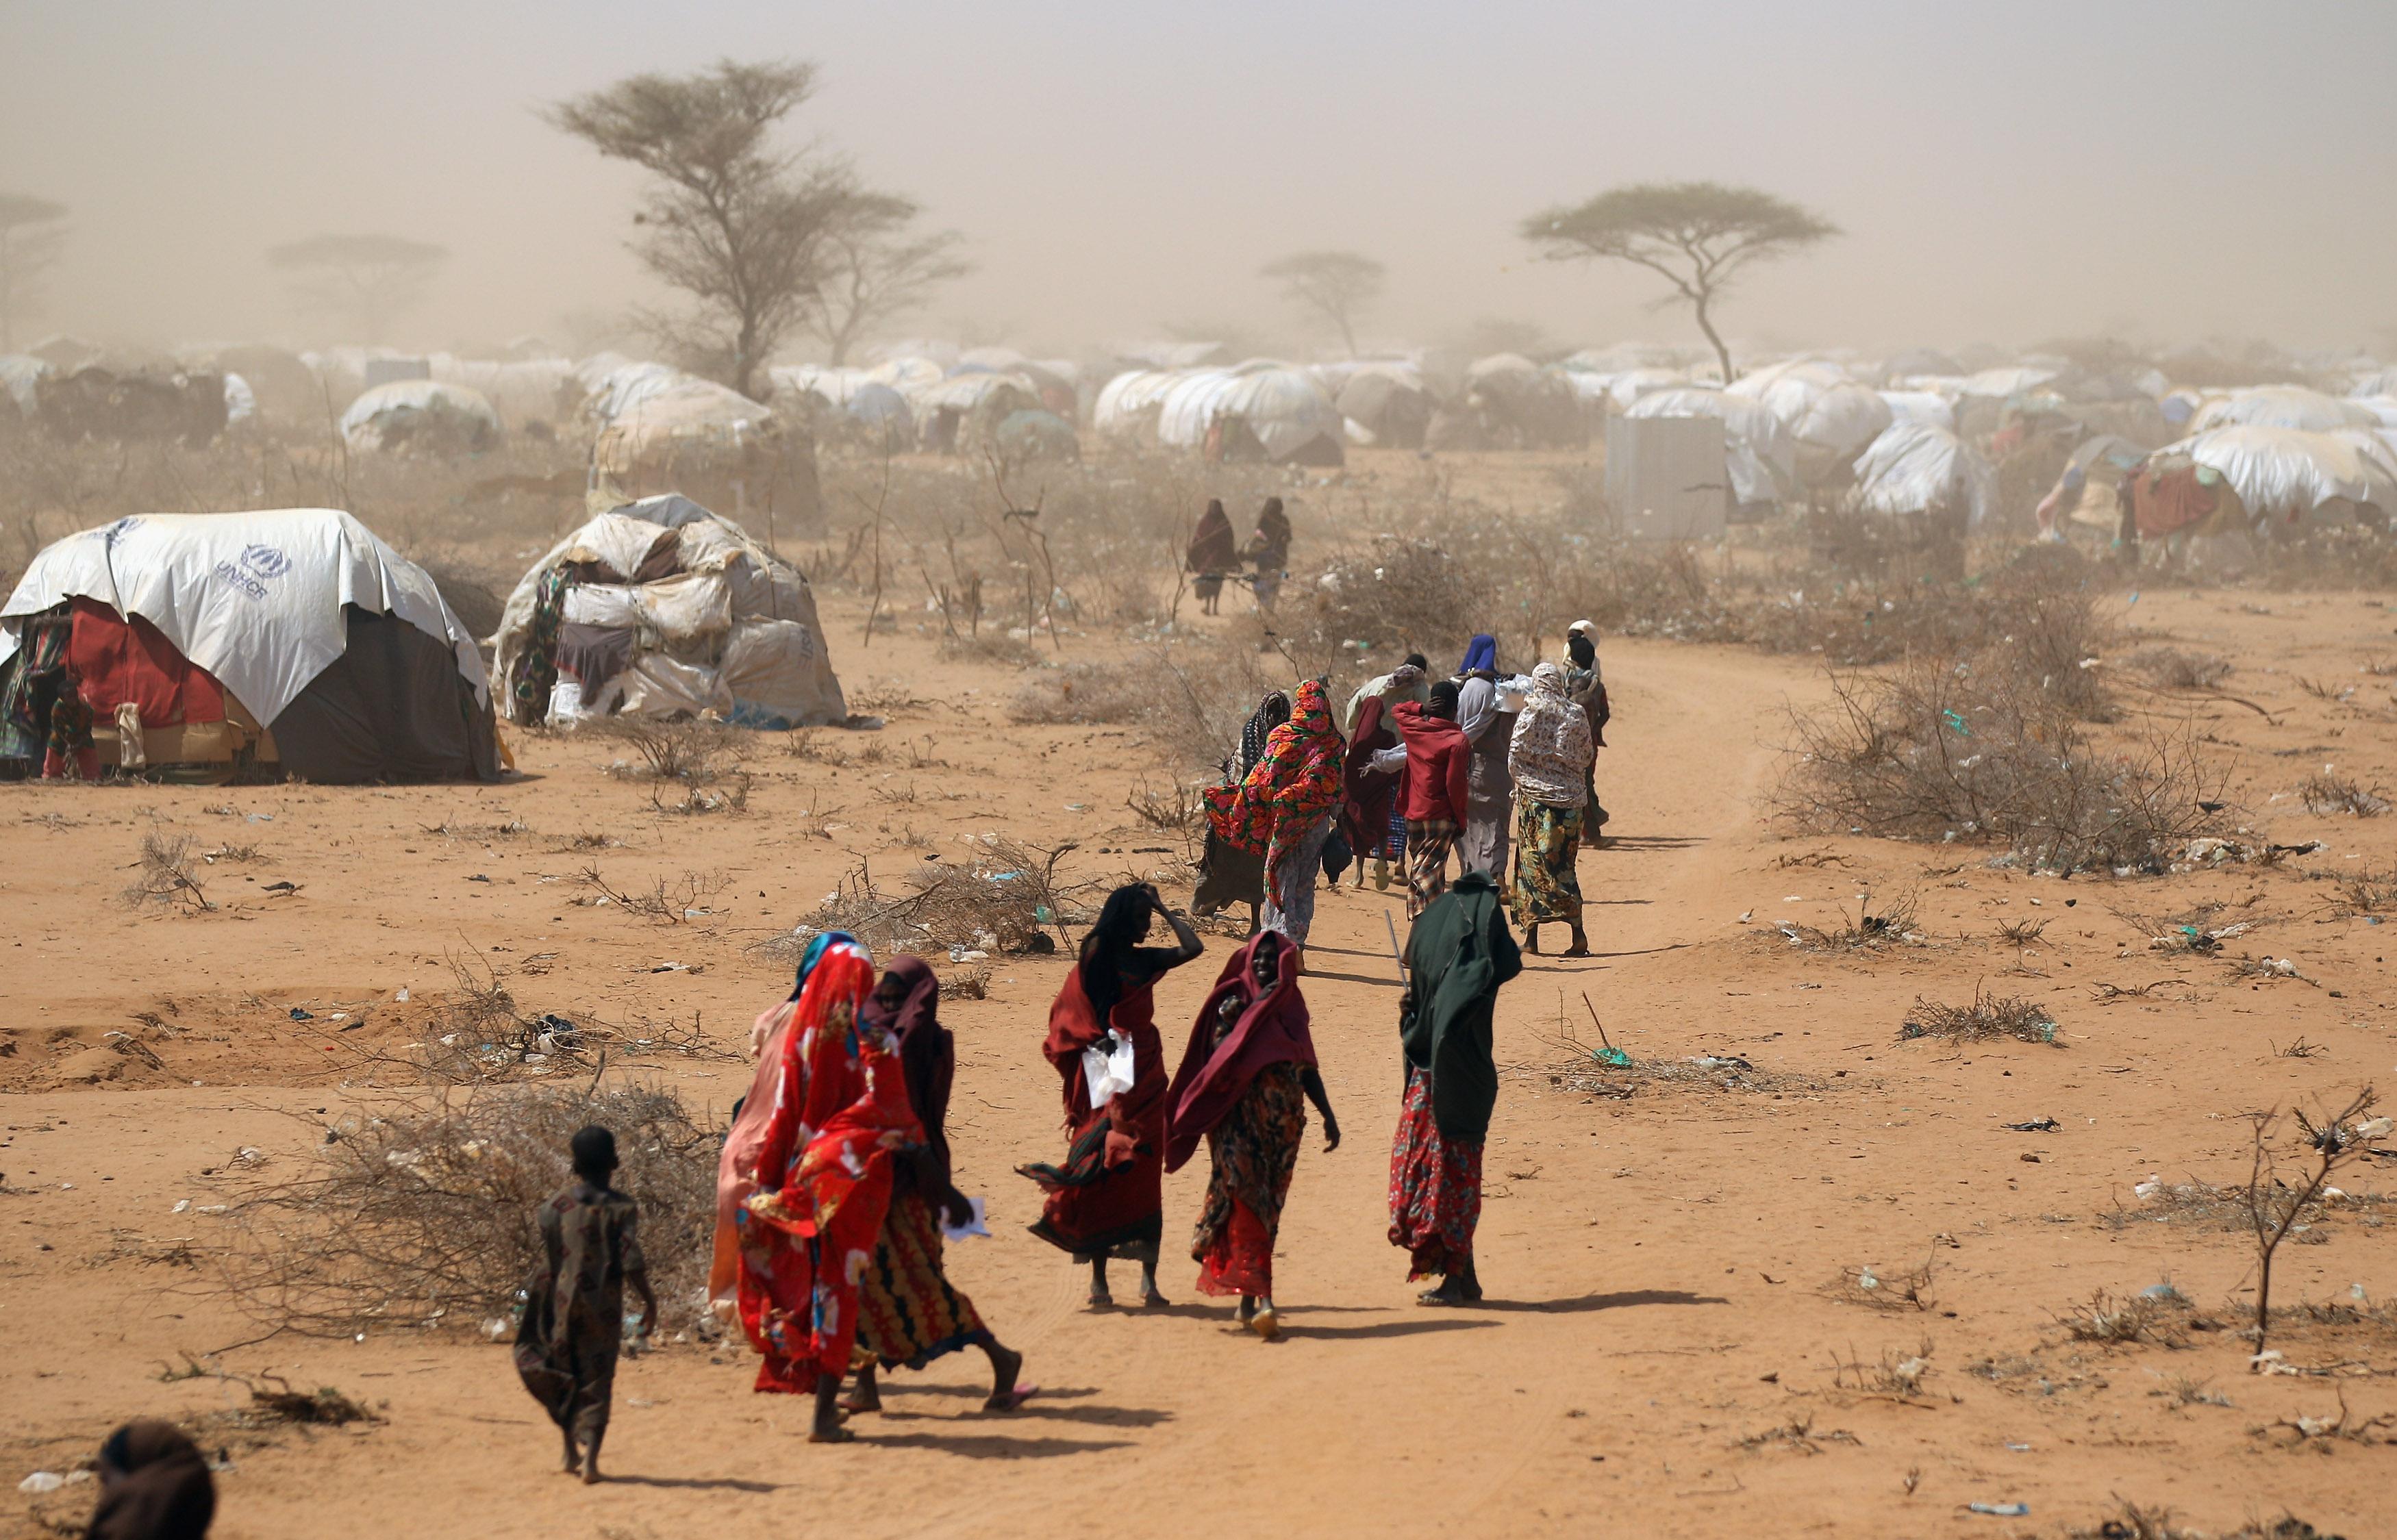 """El Derecho internacional público y la dificultad de encontrar una definición universal de """"refugiado climático"""""""